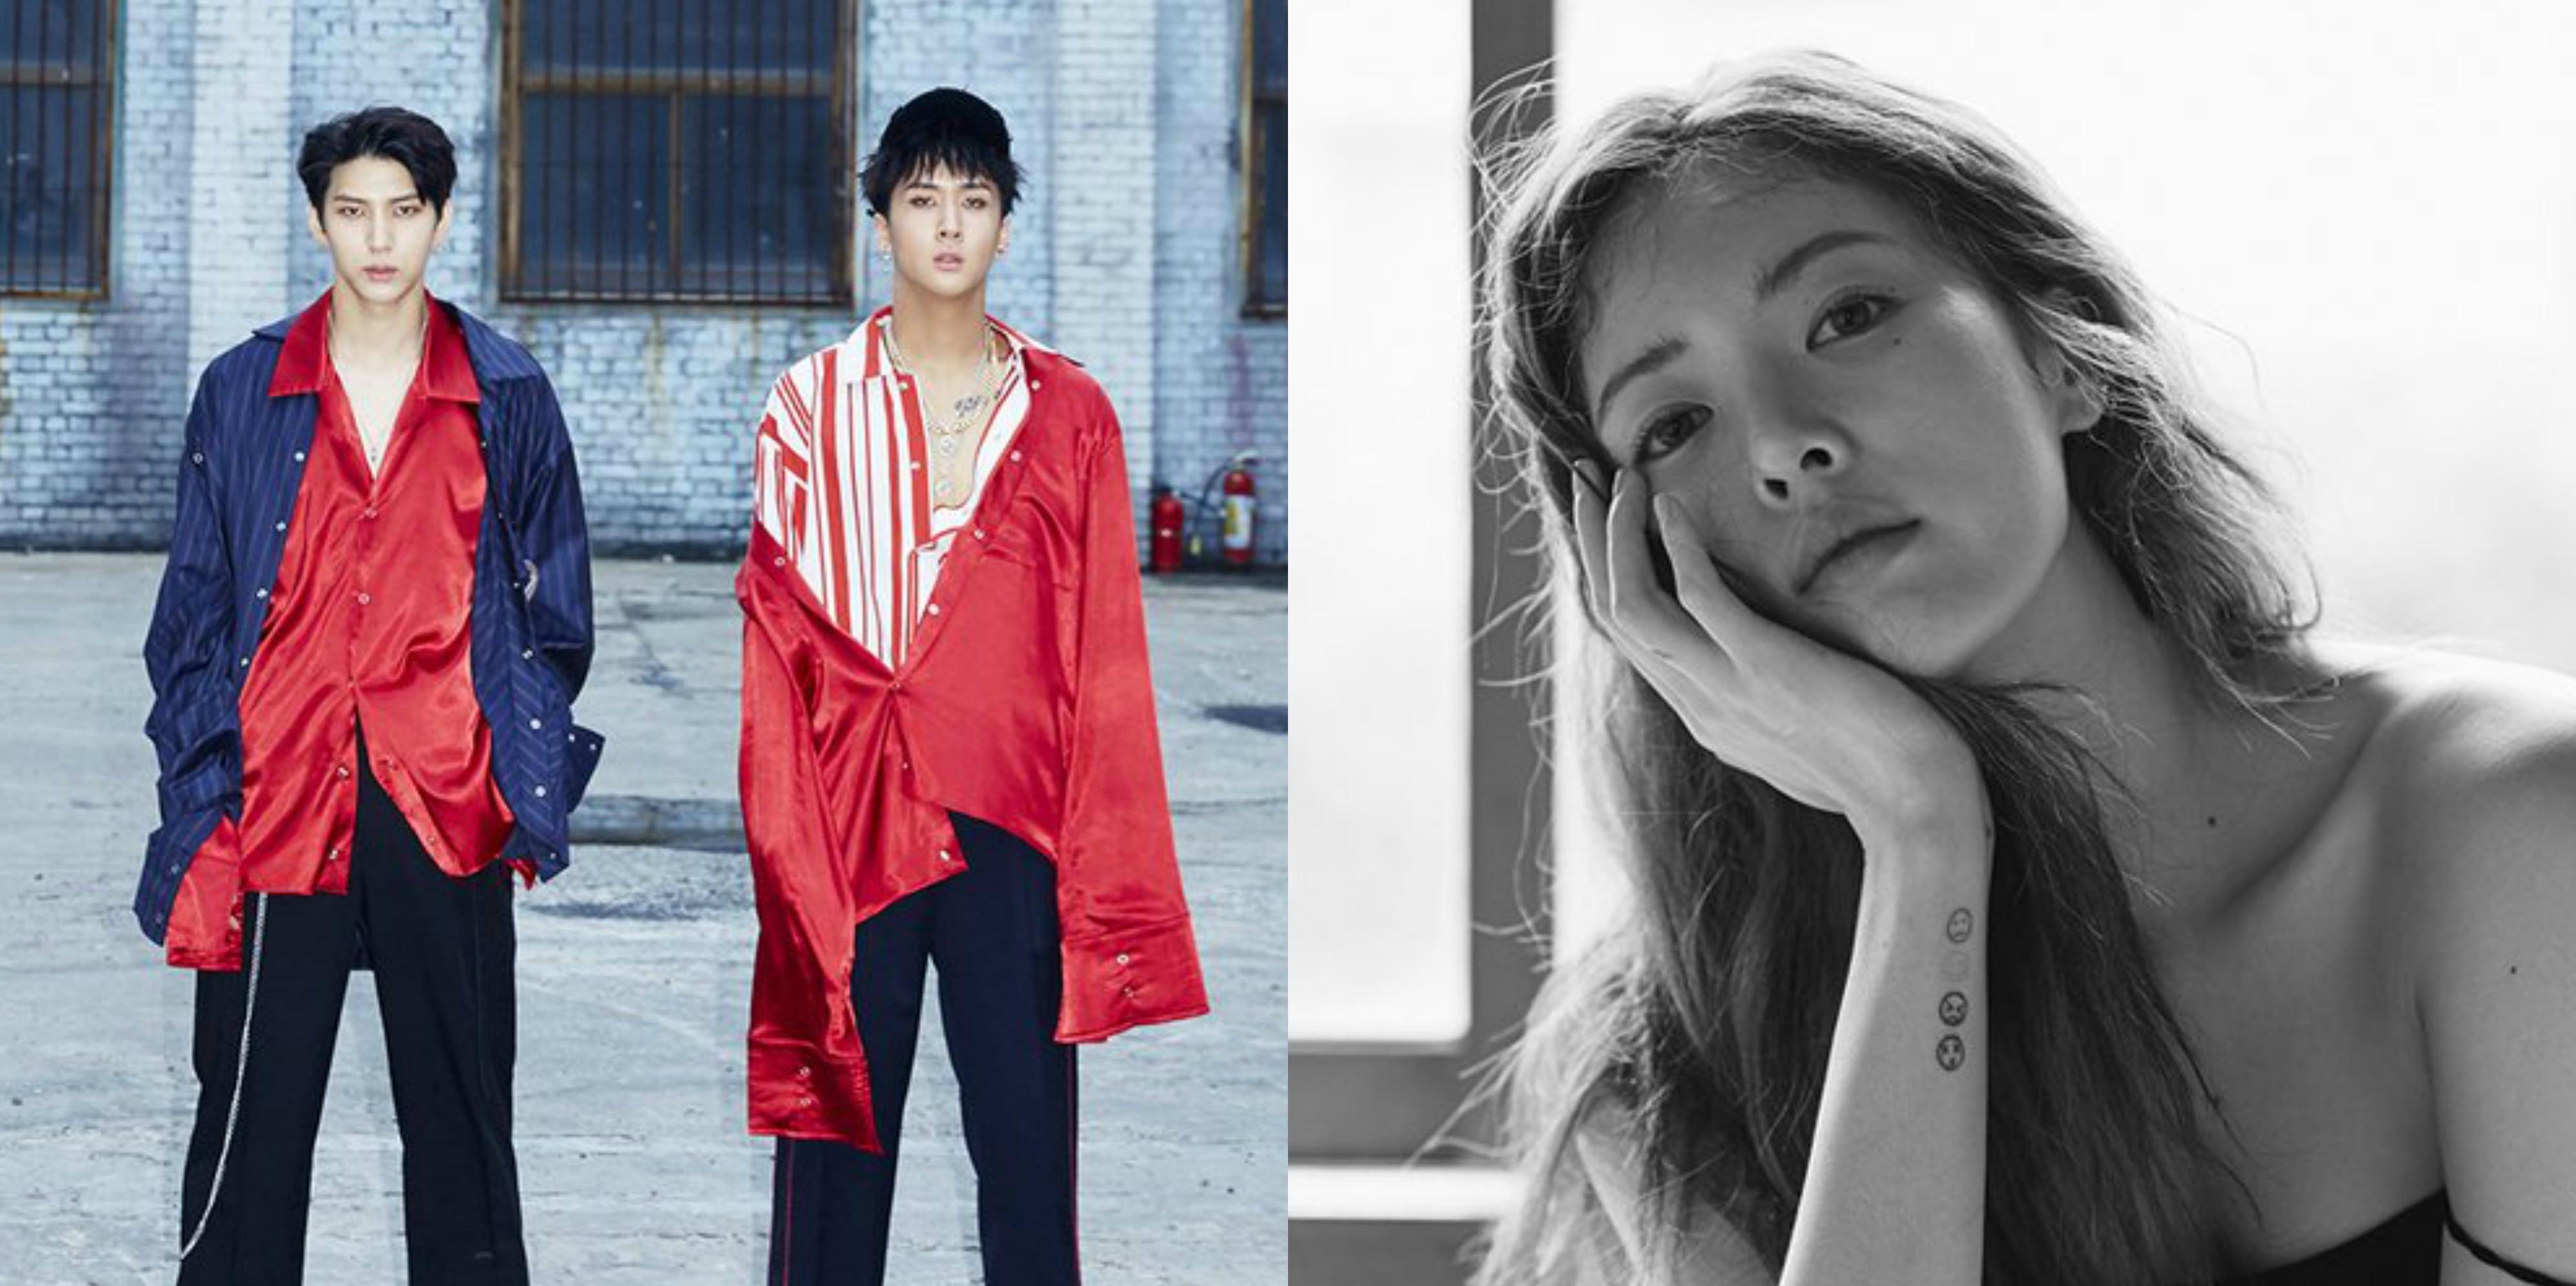 Los nuevos mini álbumes de VIXX LR y HyunA hacen impresionantes debuts en la lista de álbumes mundiales de Billboard